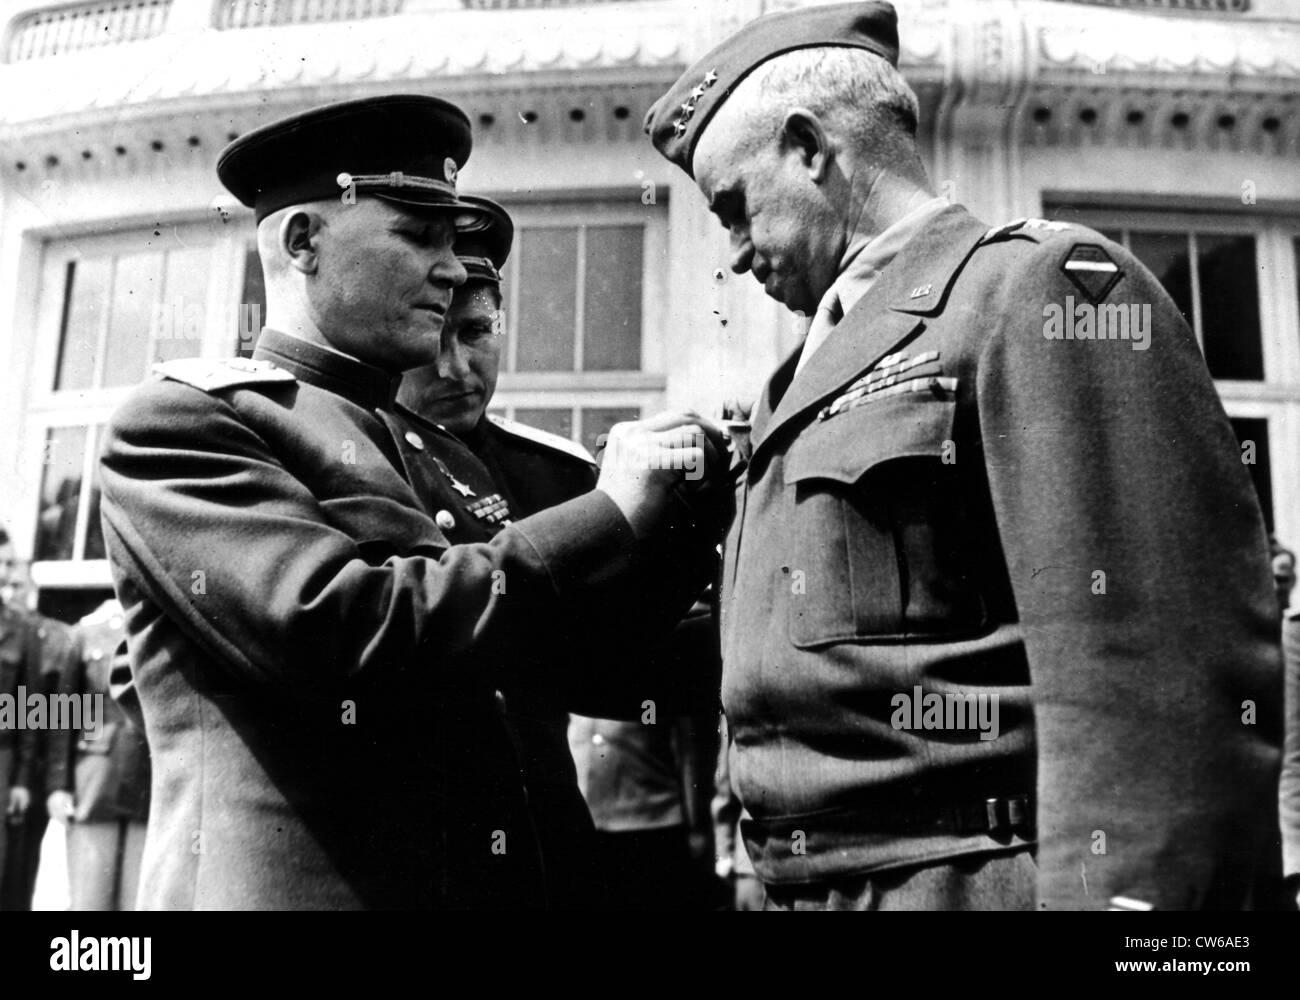 U.S General Bradley honored by Soviet Marshal Koniev (May 17, 1945) Stock Photo